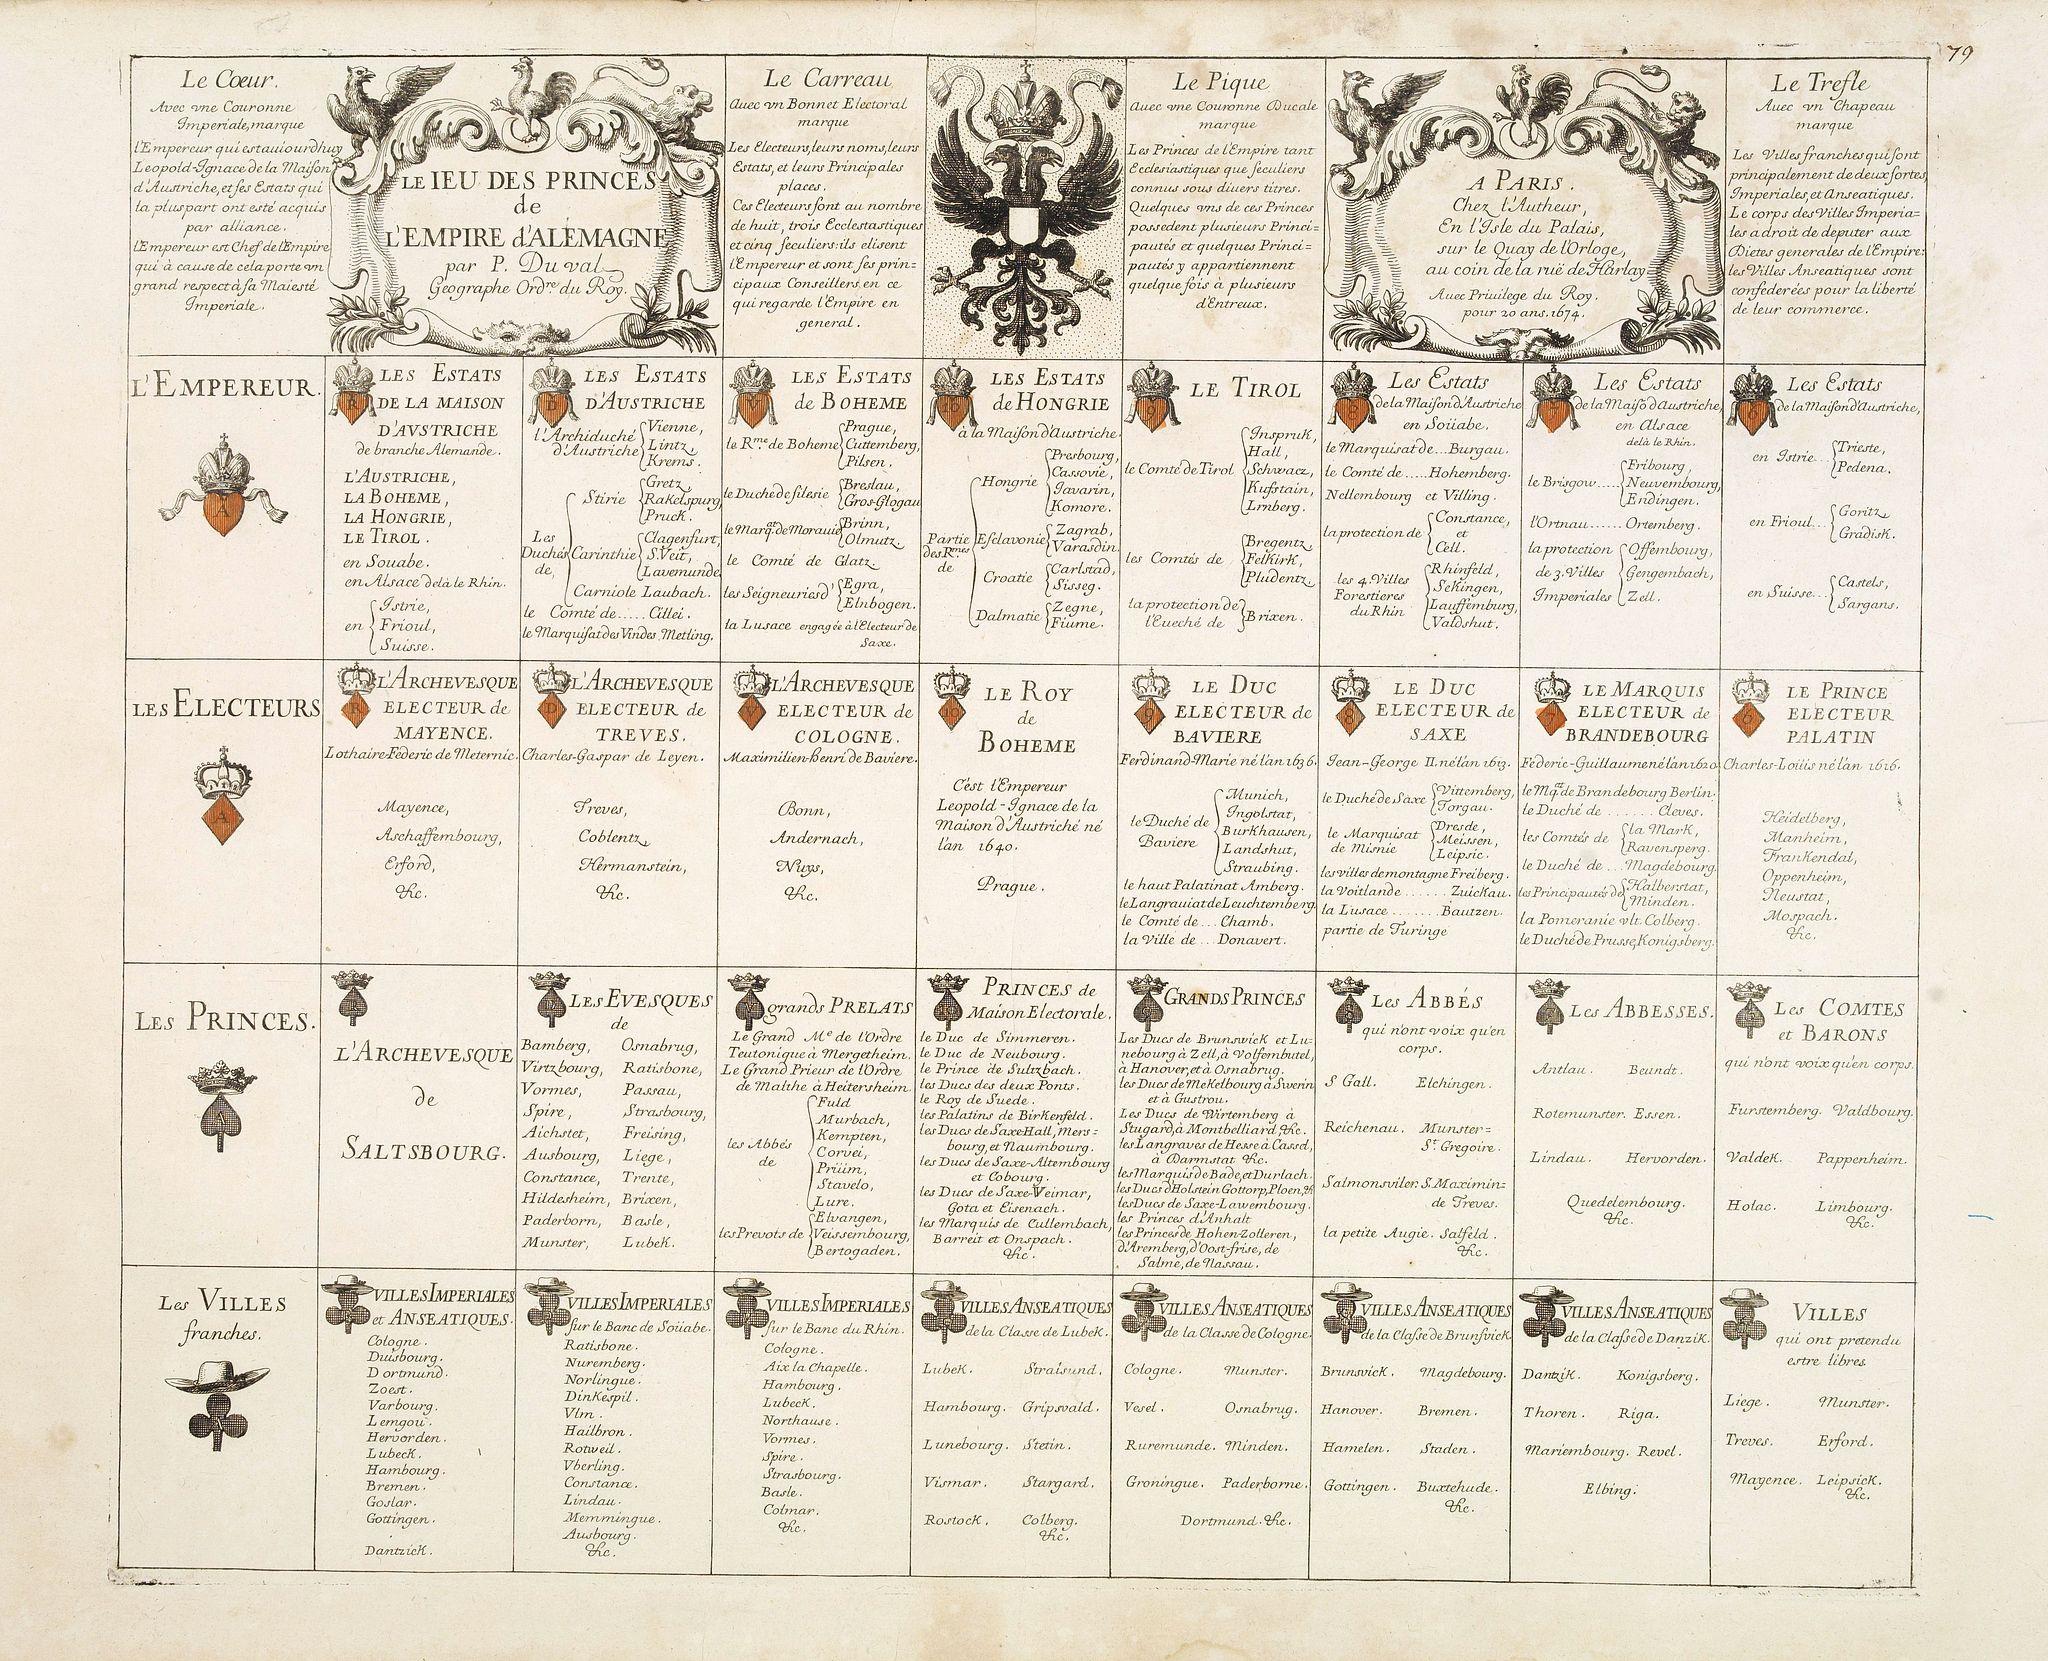 DU VAL, P. -  Le jeu des Princes de l'empire d'Allemagne par P. du Val. . .